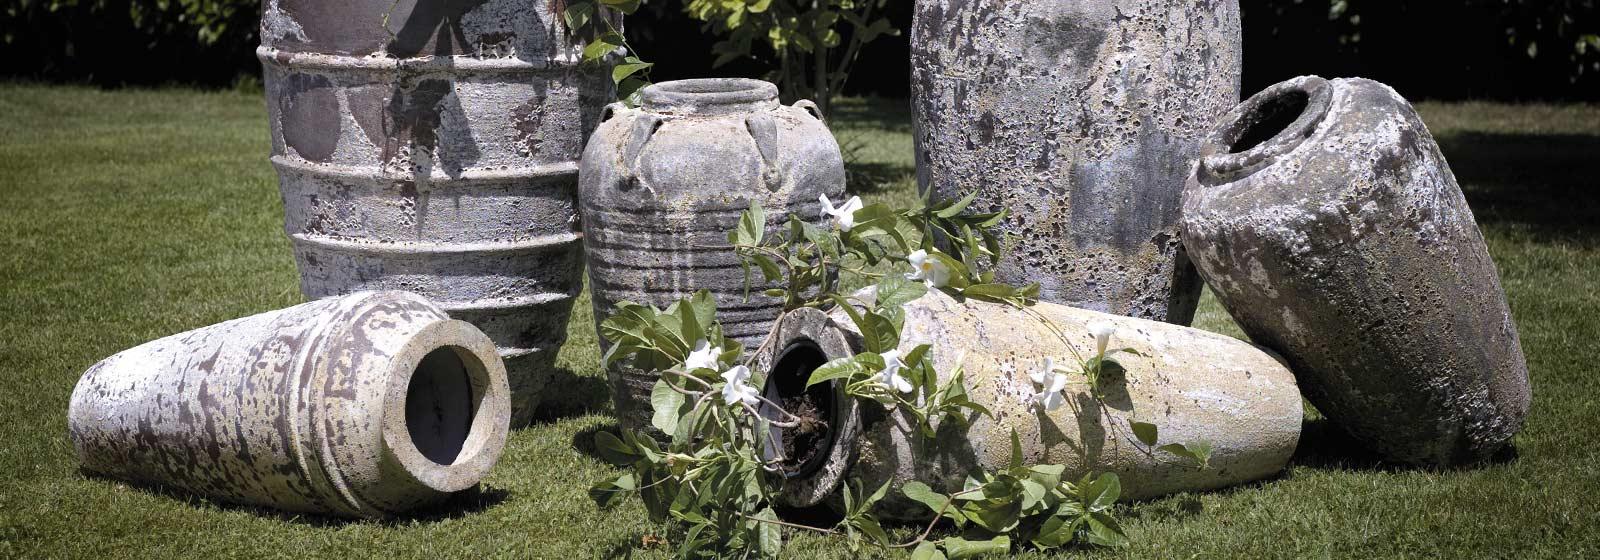 Vasi e anfore nuovi e antichi arredo giardini antichi - Giare da giardino ...